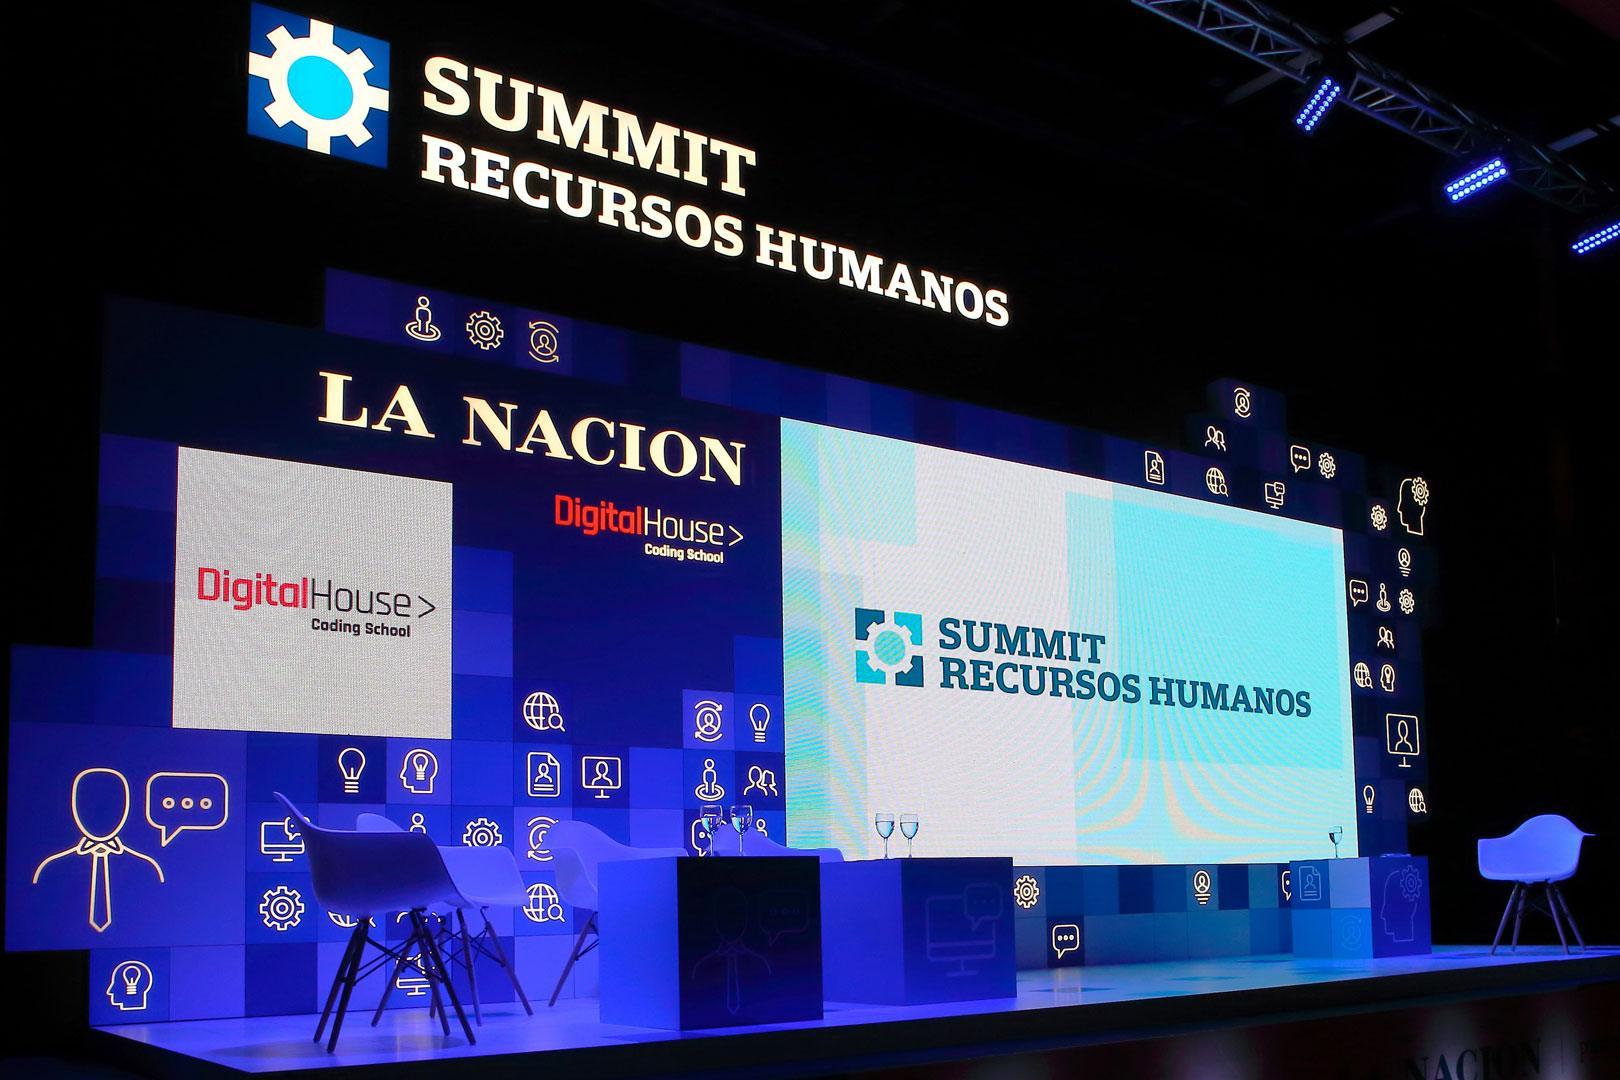 back escenario La Nación summit recursos humanos escenografia 30 diseño estrategico